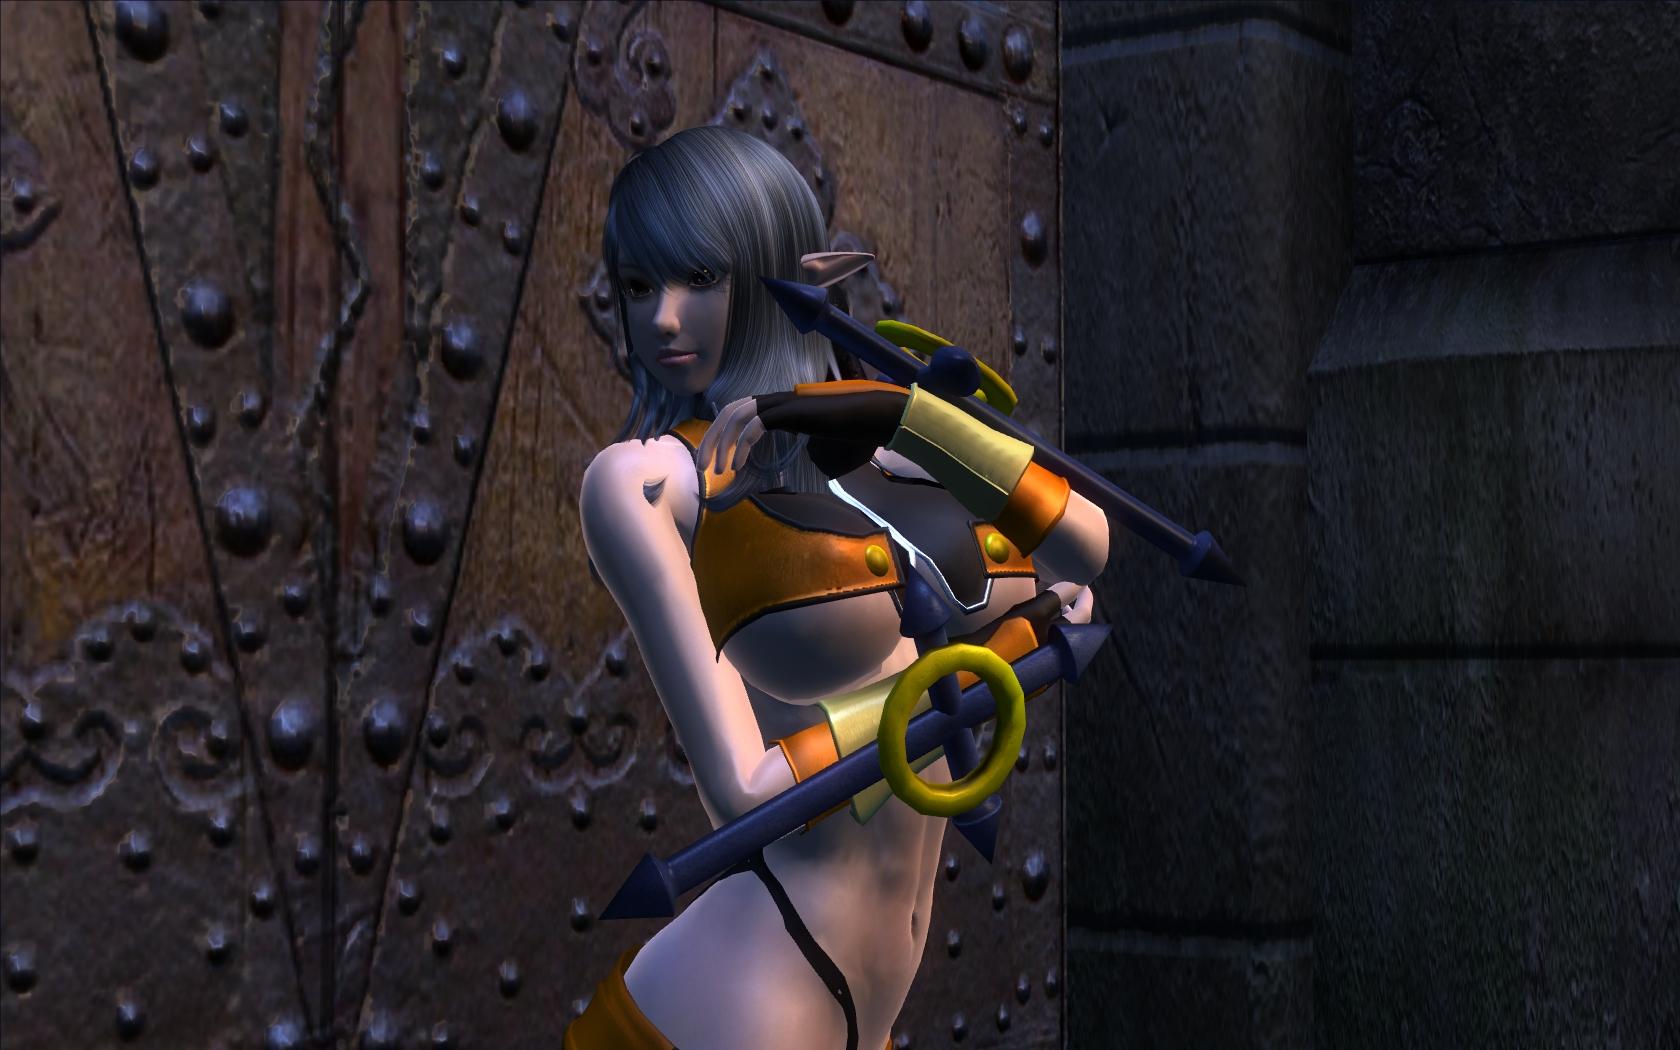 Oblivion xxx hentai nackt picture